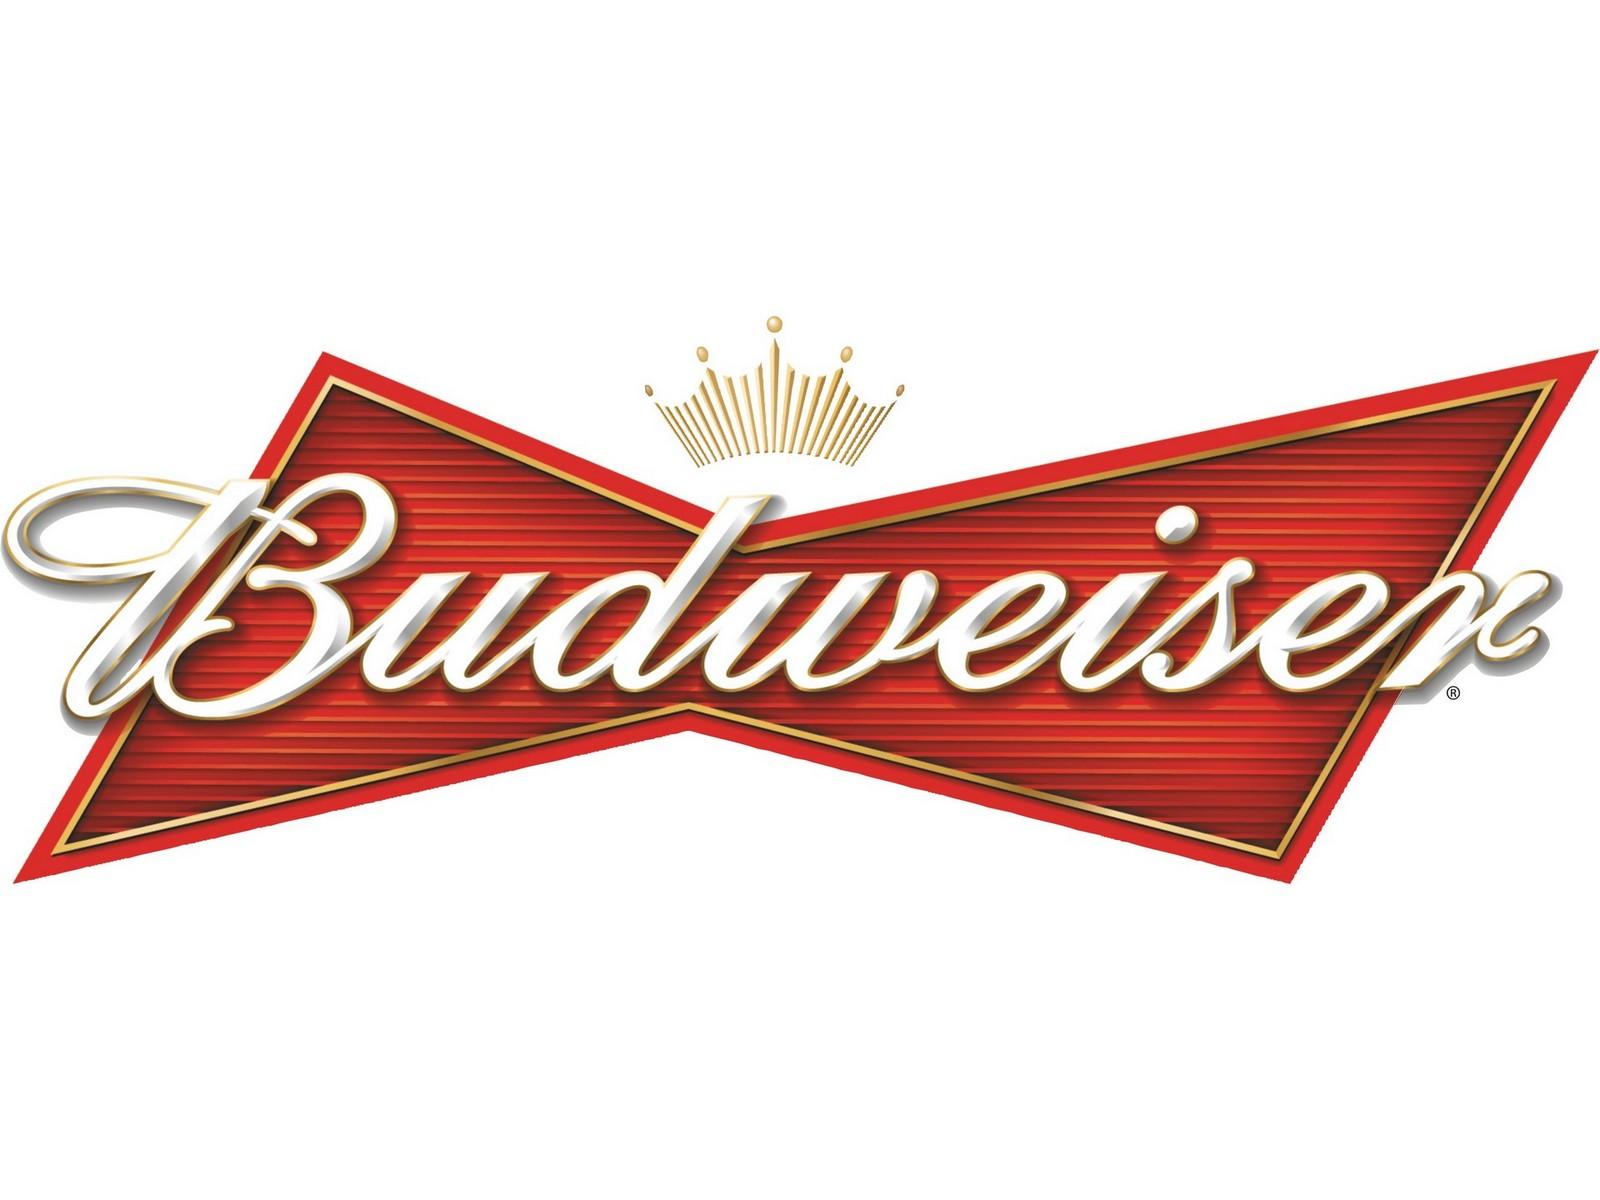 Budweiser Logo 1600x1200 STANDARD Image Brands Ads Beer 1600x1200